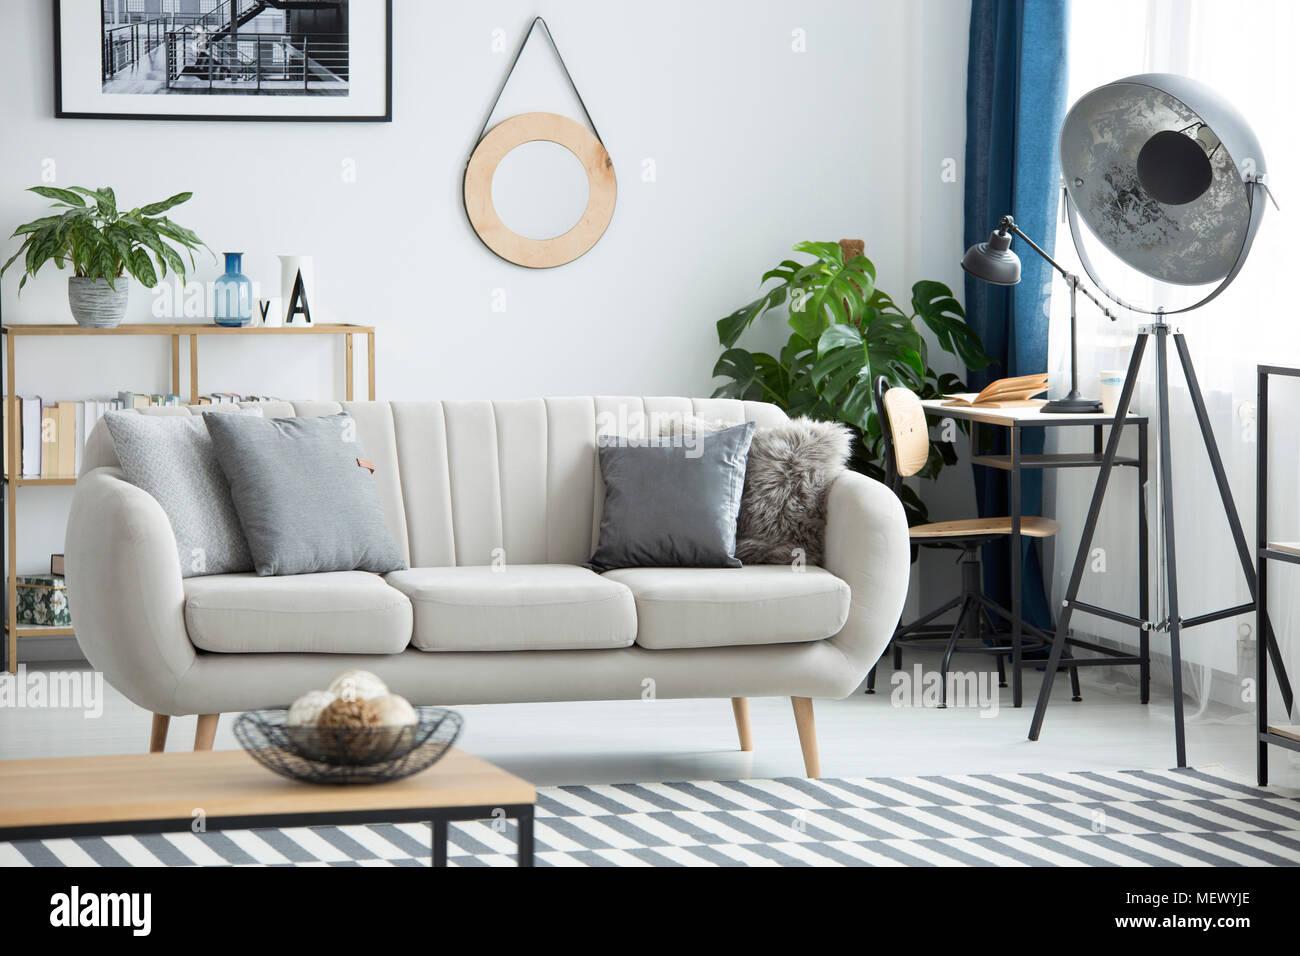 Lampe Industrielle A Cote De Canape Dans Le Salon Interieur